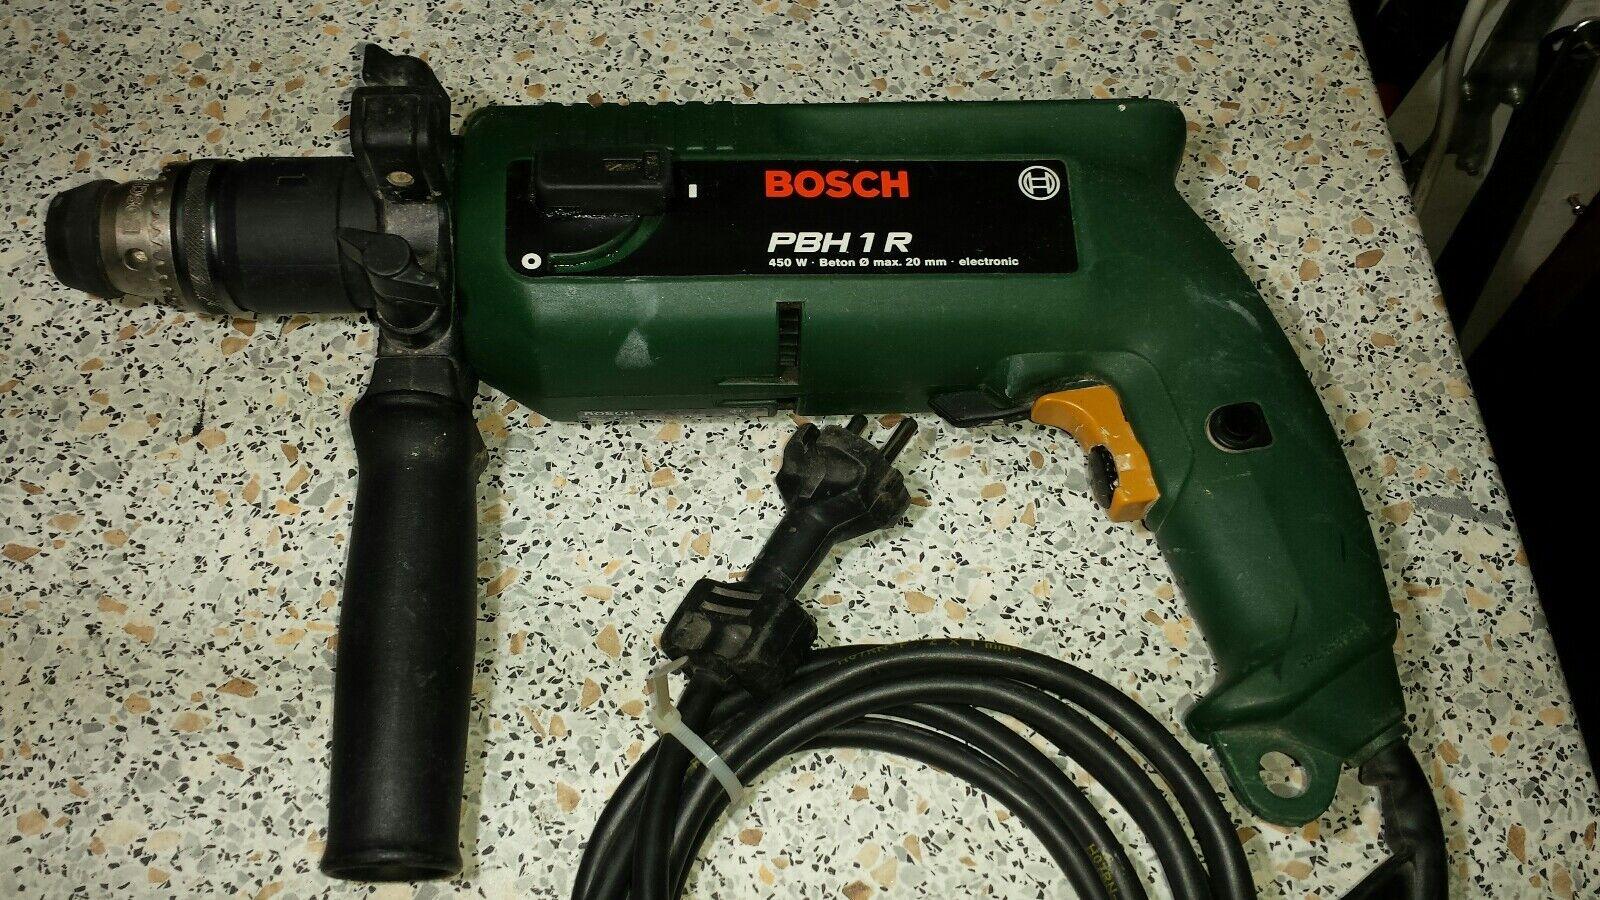 Bosch Pbh 1r pünamatisch   bohrhammer mit universal Bohrfutter